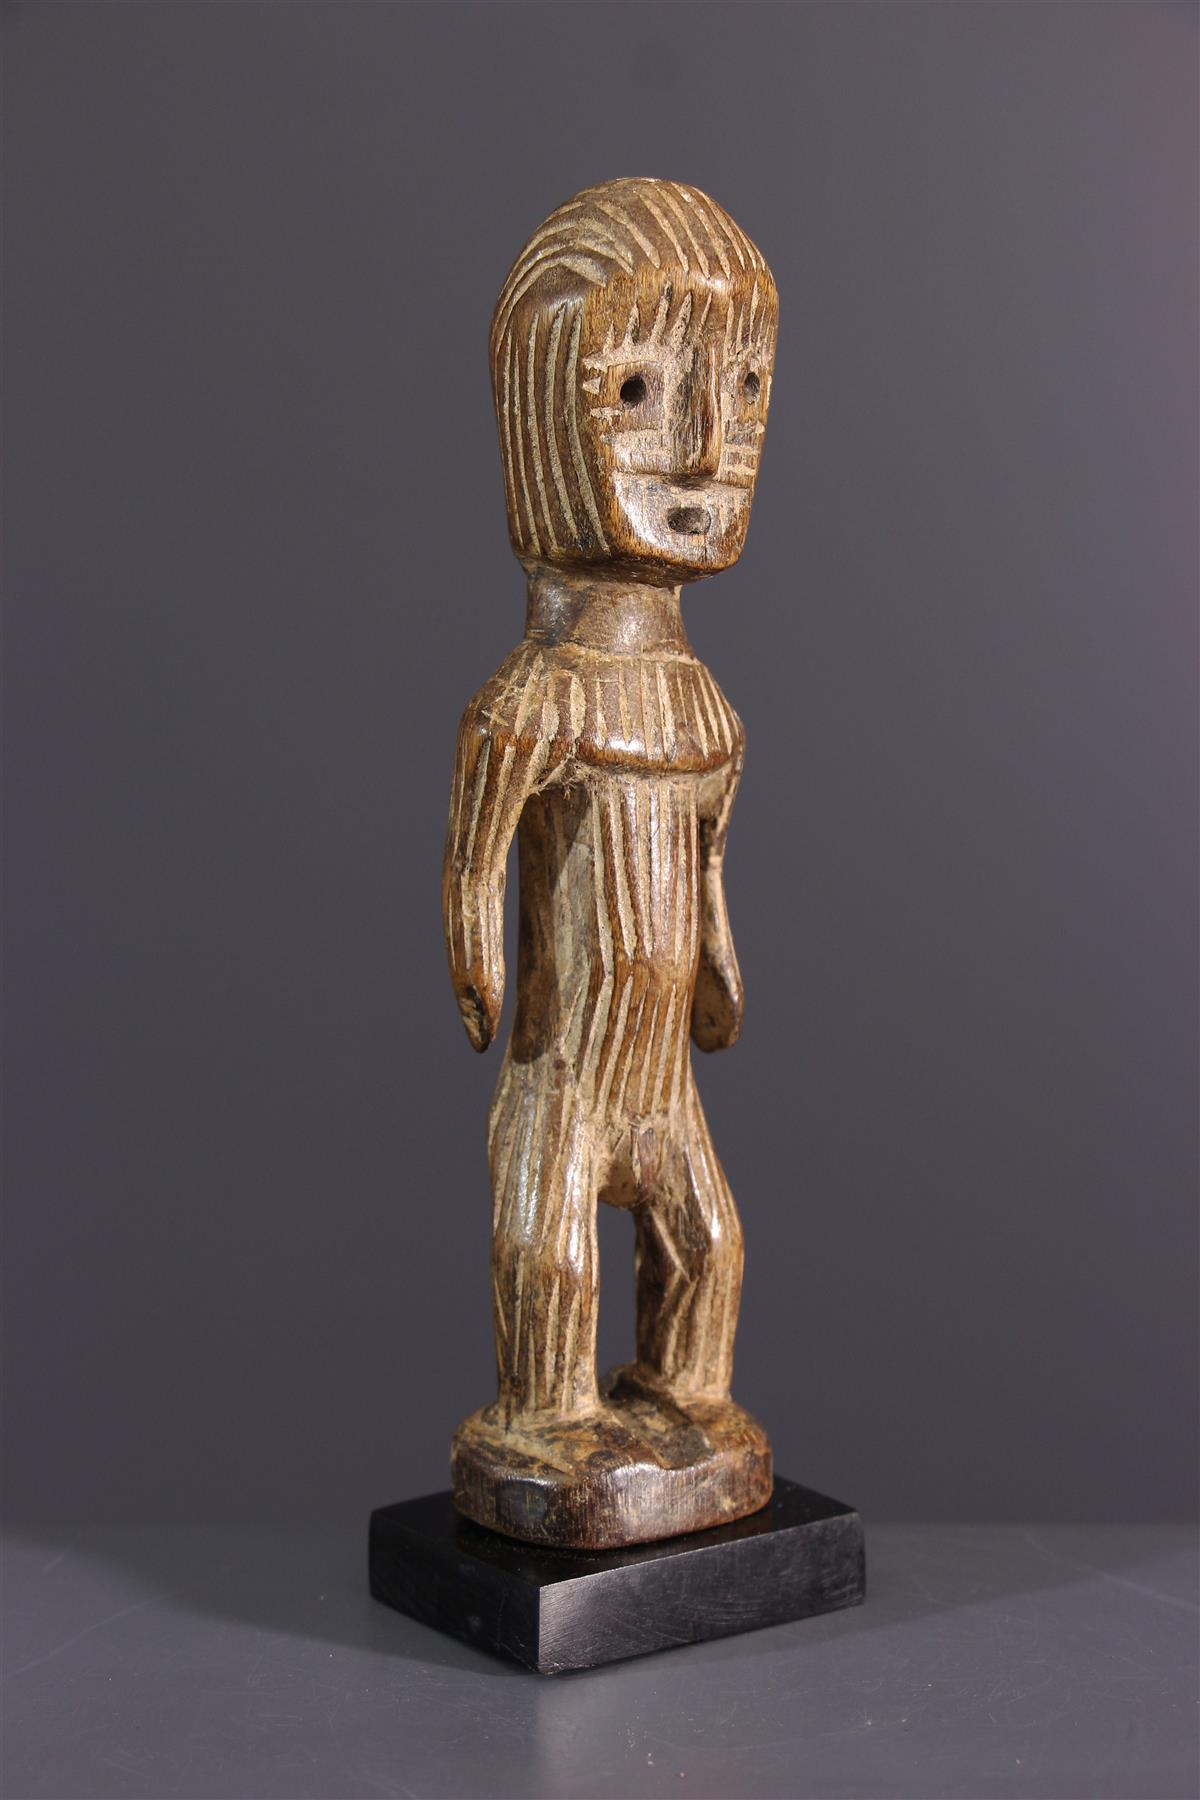 Metoko beeldje - Afrikaanse kunst